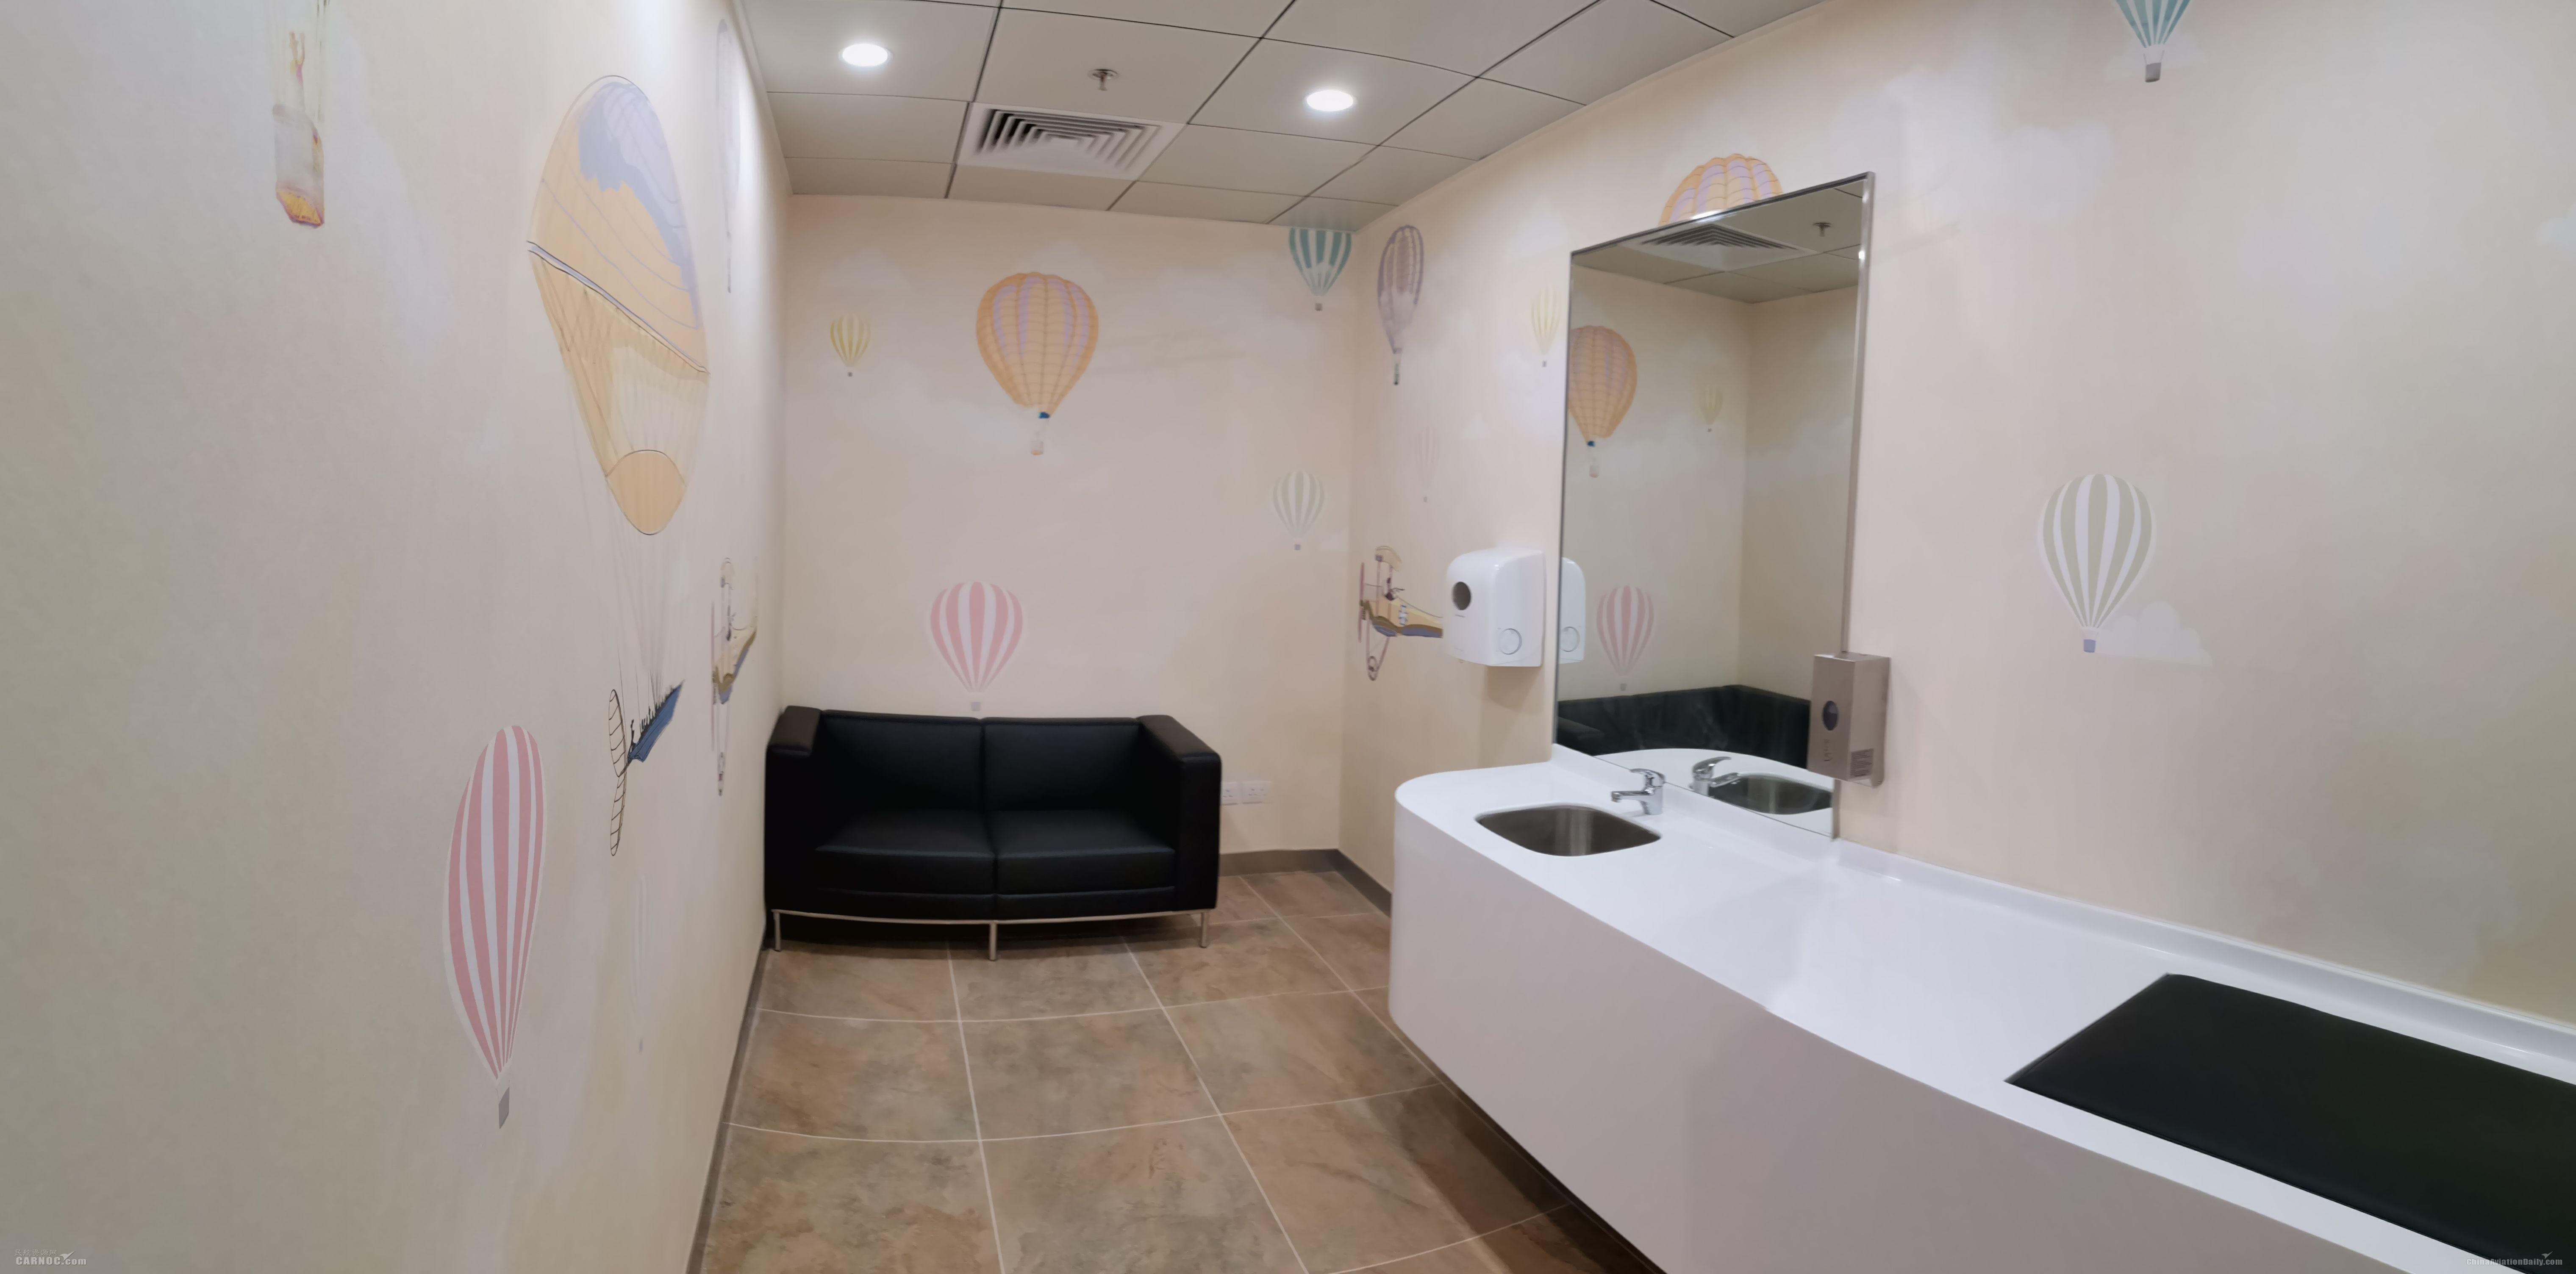 图:澳门国际机场客运大楼离境层非禁区婴儿室。